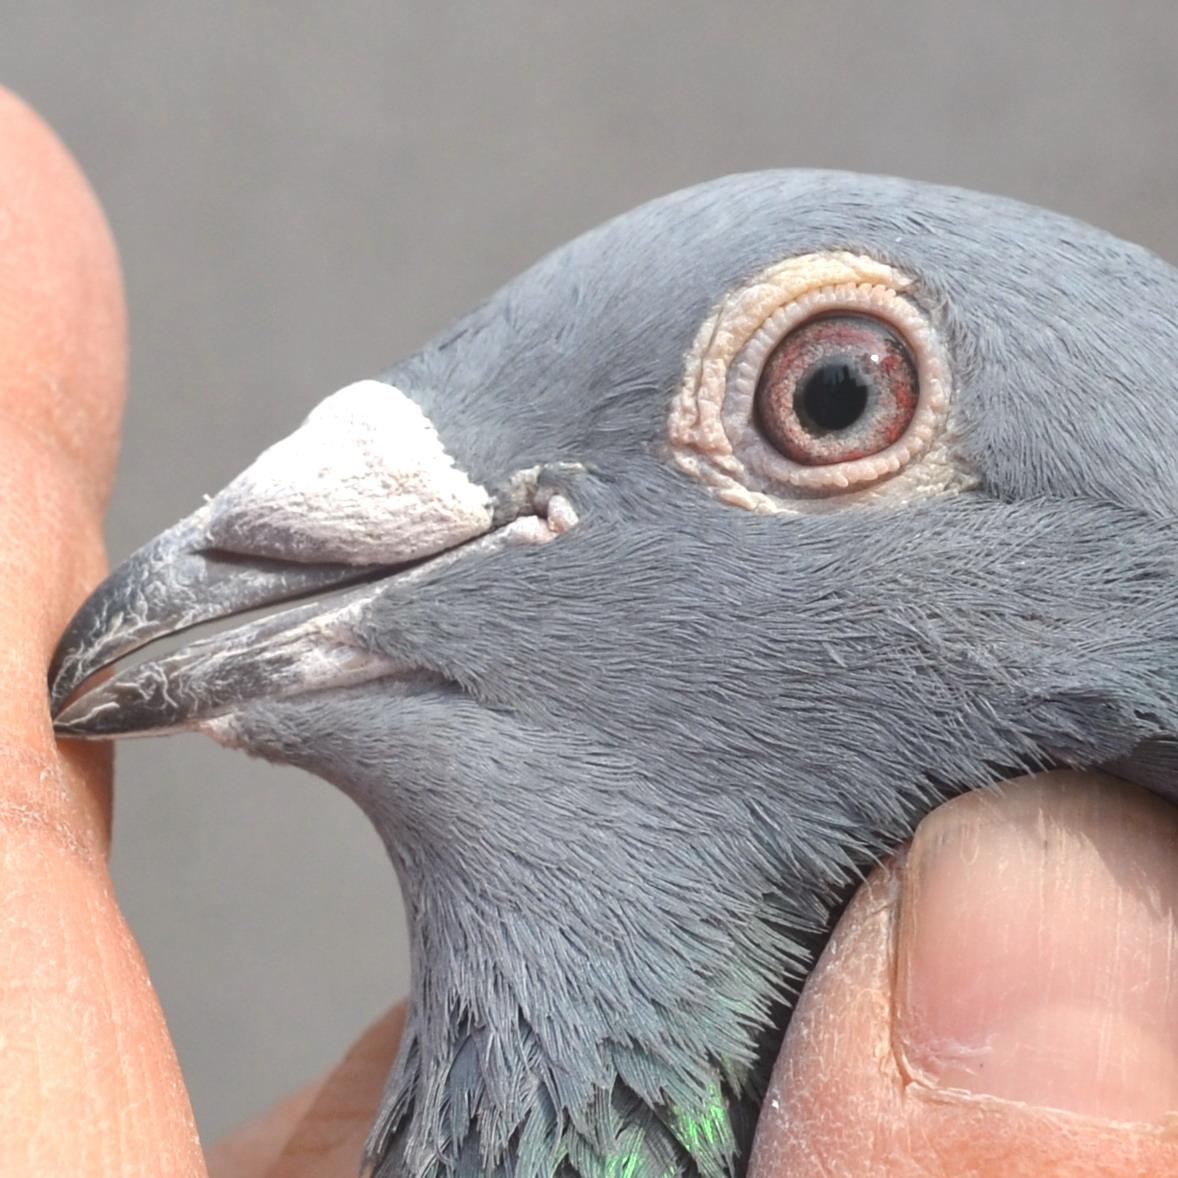 动物的眼睛高清图片